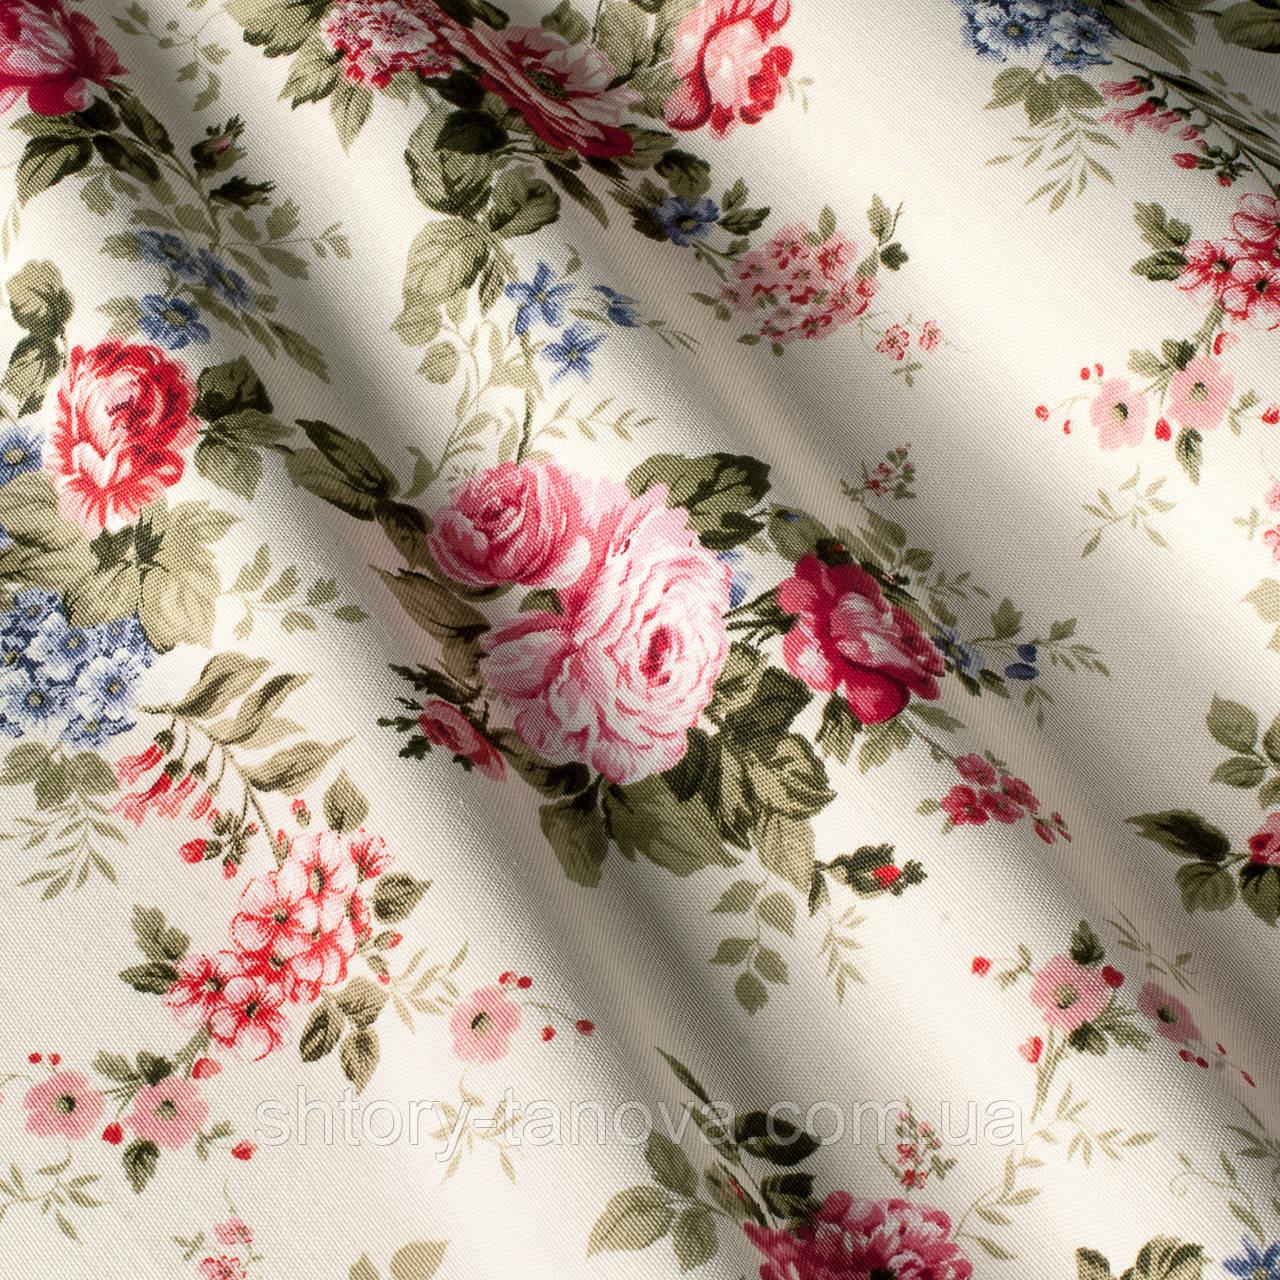 Купить ткань для штор с цветами французское кружево индонезия одежда интернет магазин в москве